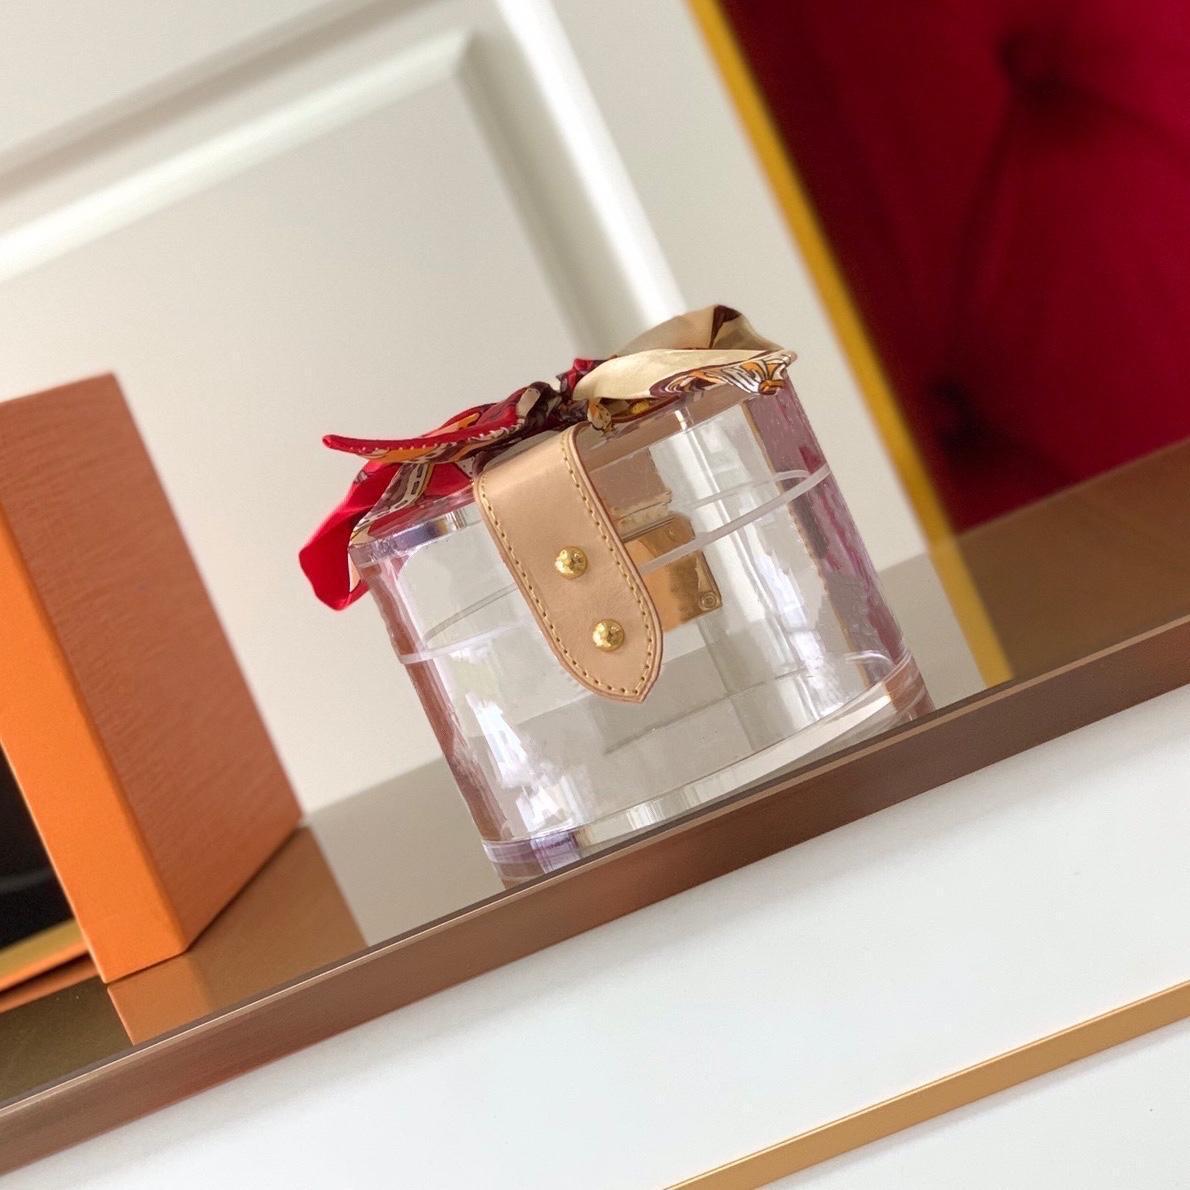 Sacos Cosméticos Scott Caixa Luxurys Designers Glamours para manter a maquiagem de jóias transparente plexiglass reluzente metal decorativo caixas de molho